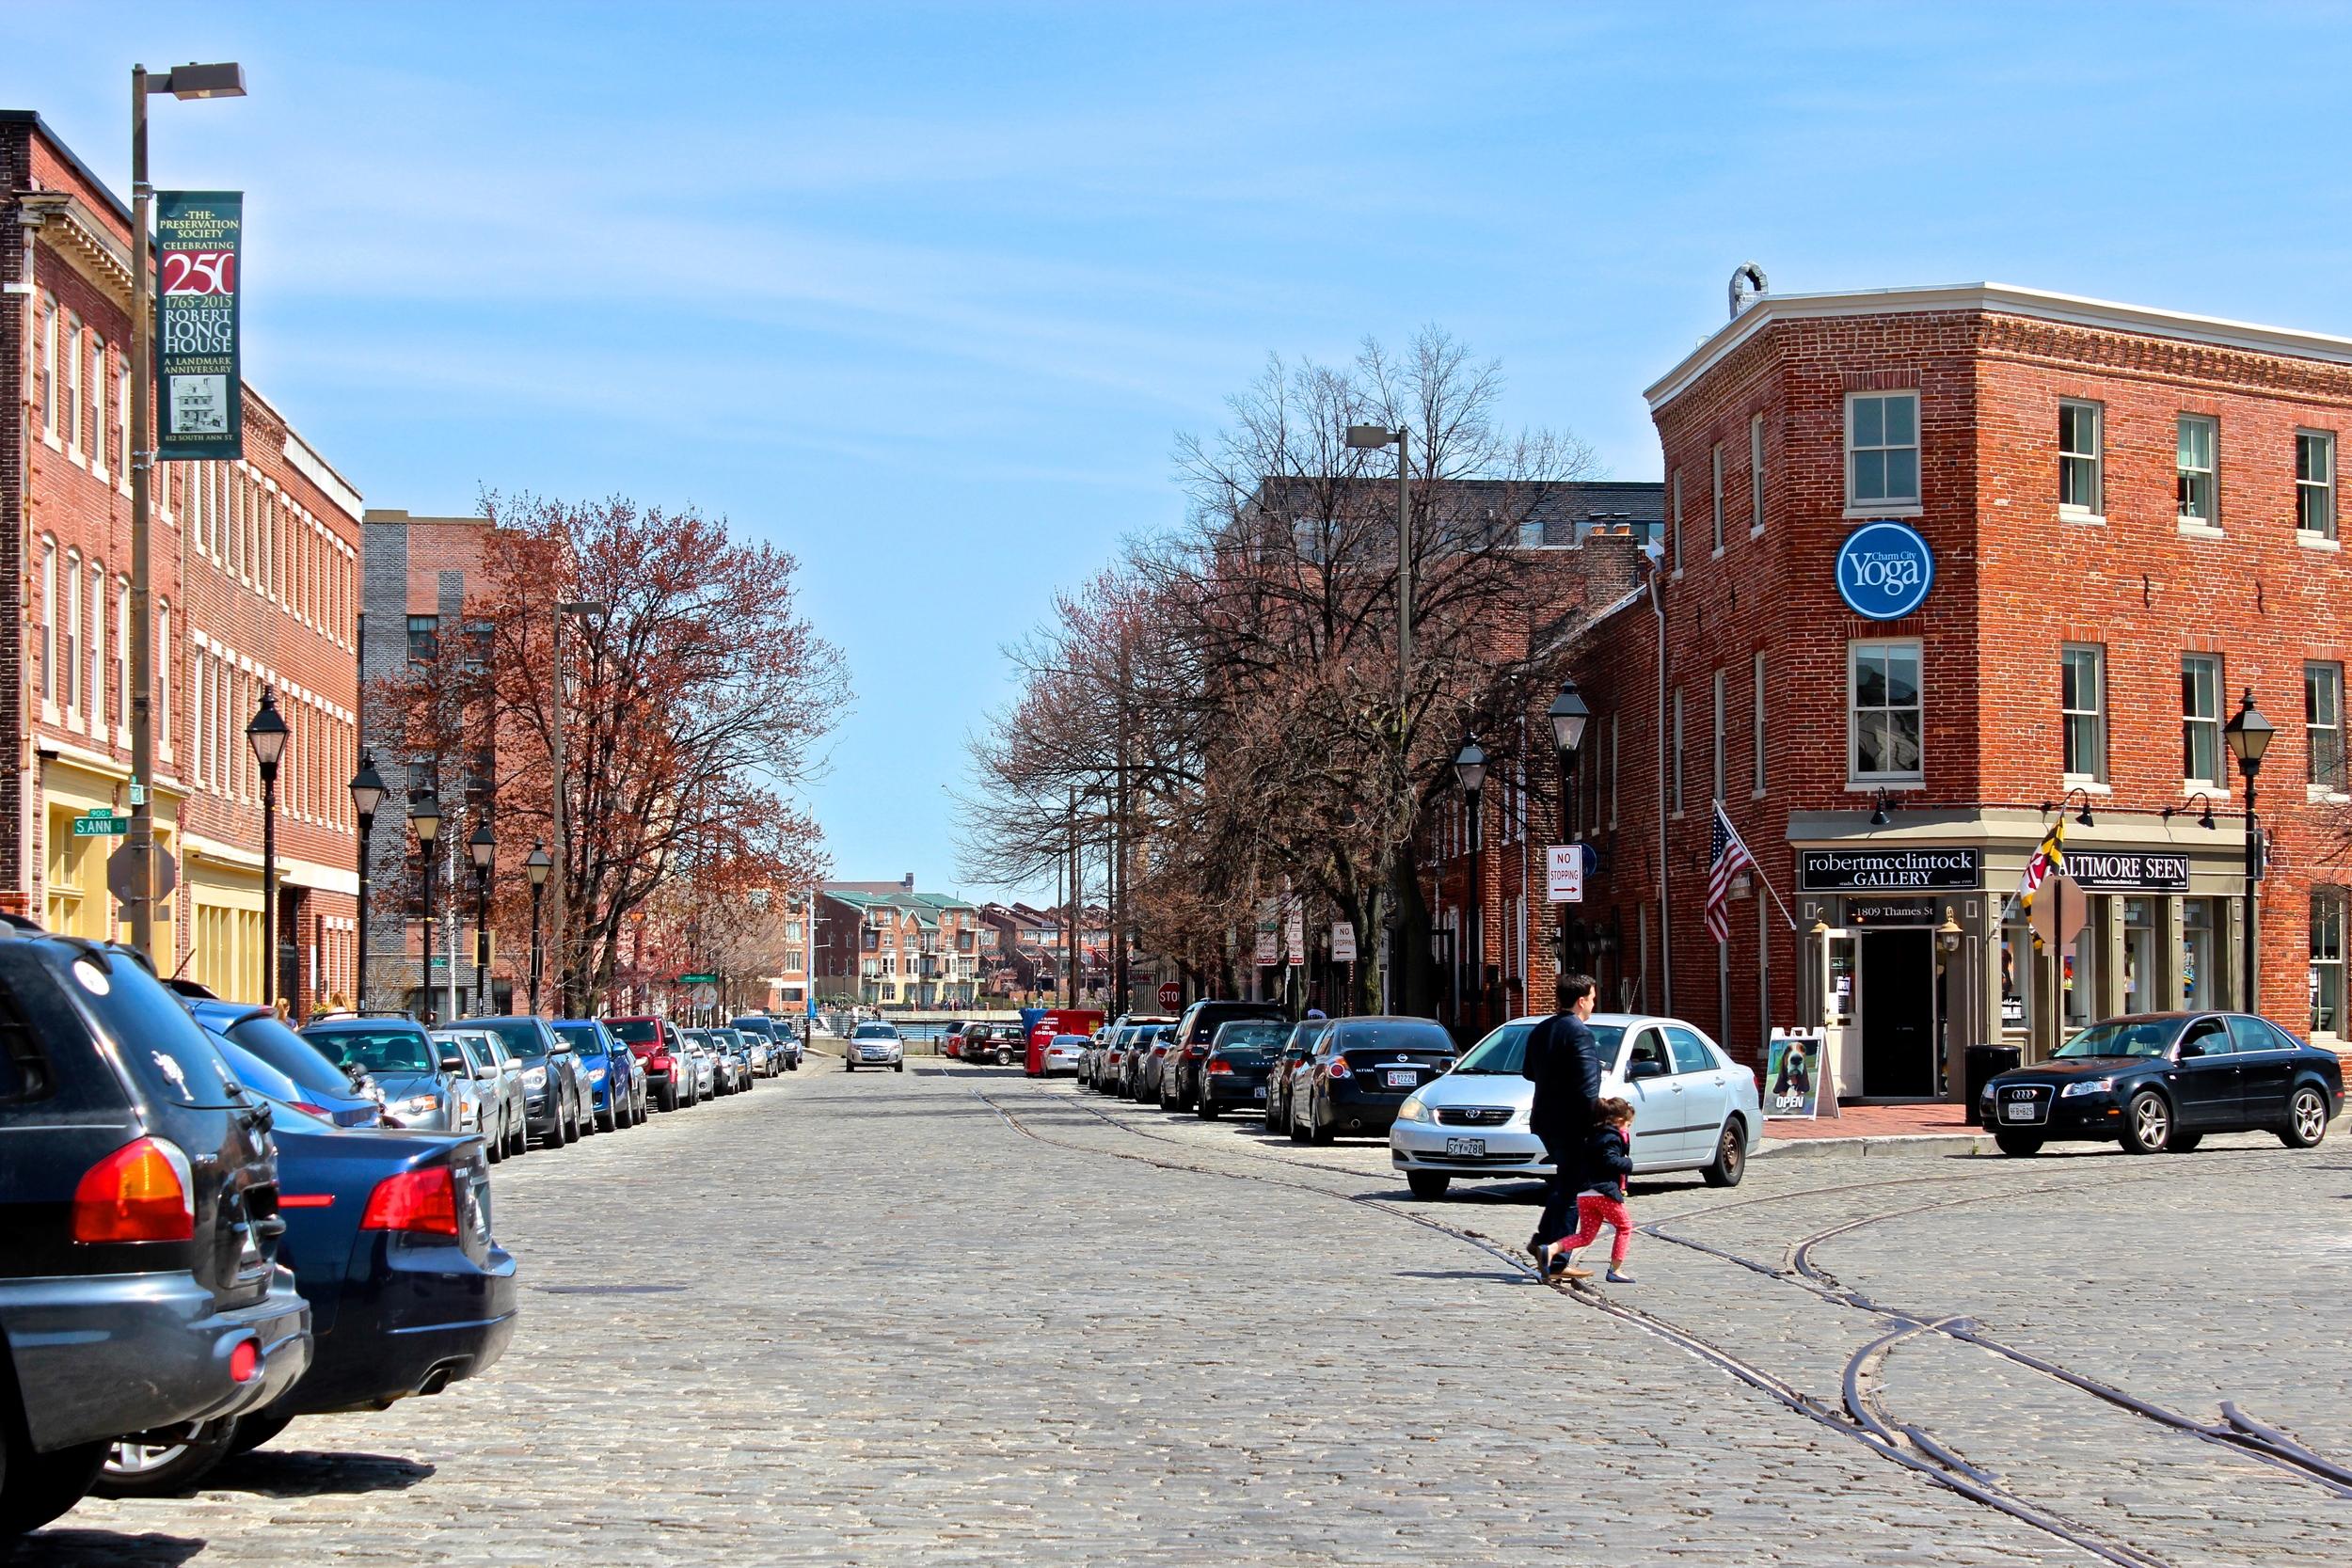 Cobblestone streets of Baltimore